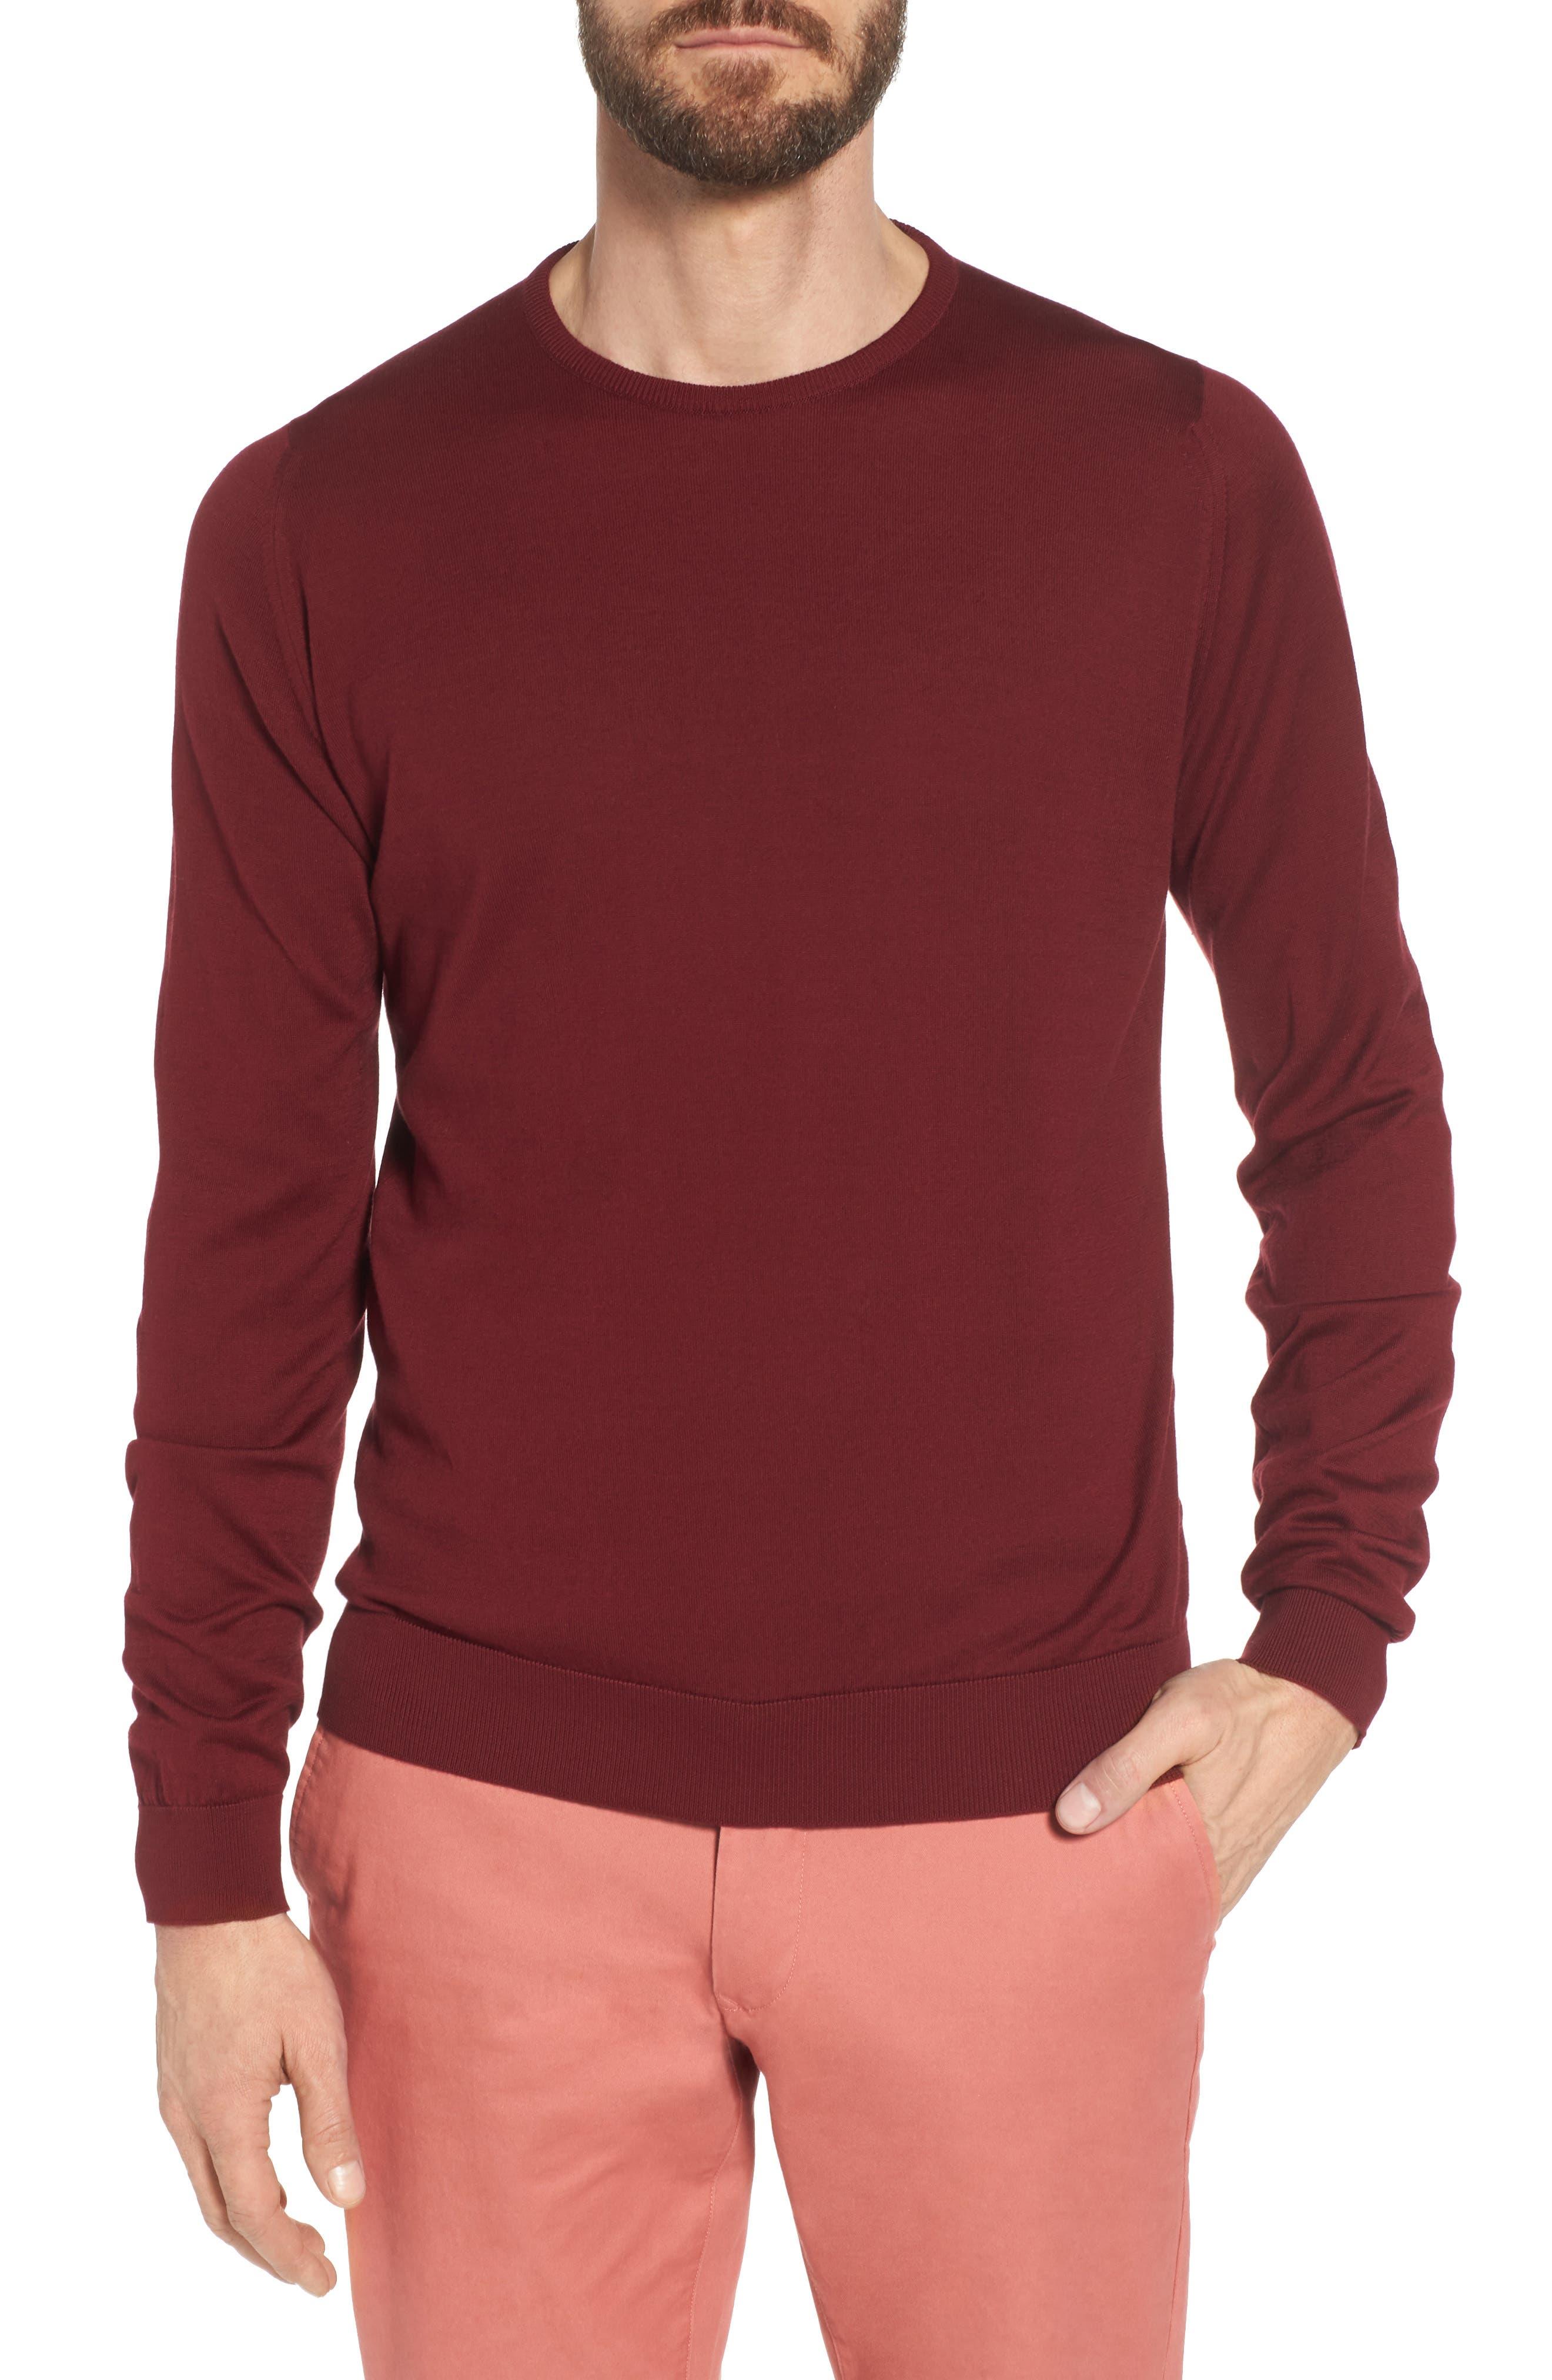 John Smedley Crewneck Sweater